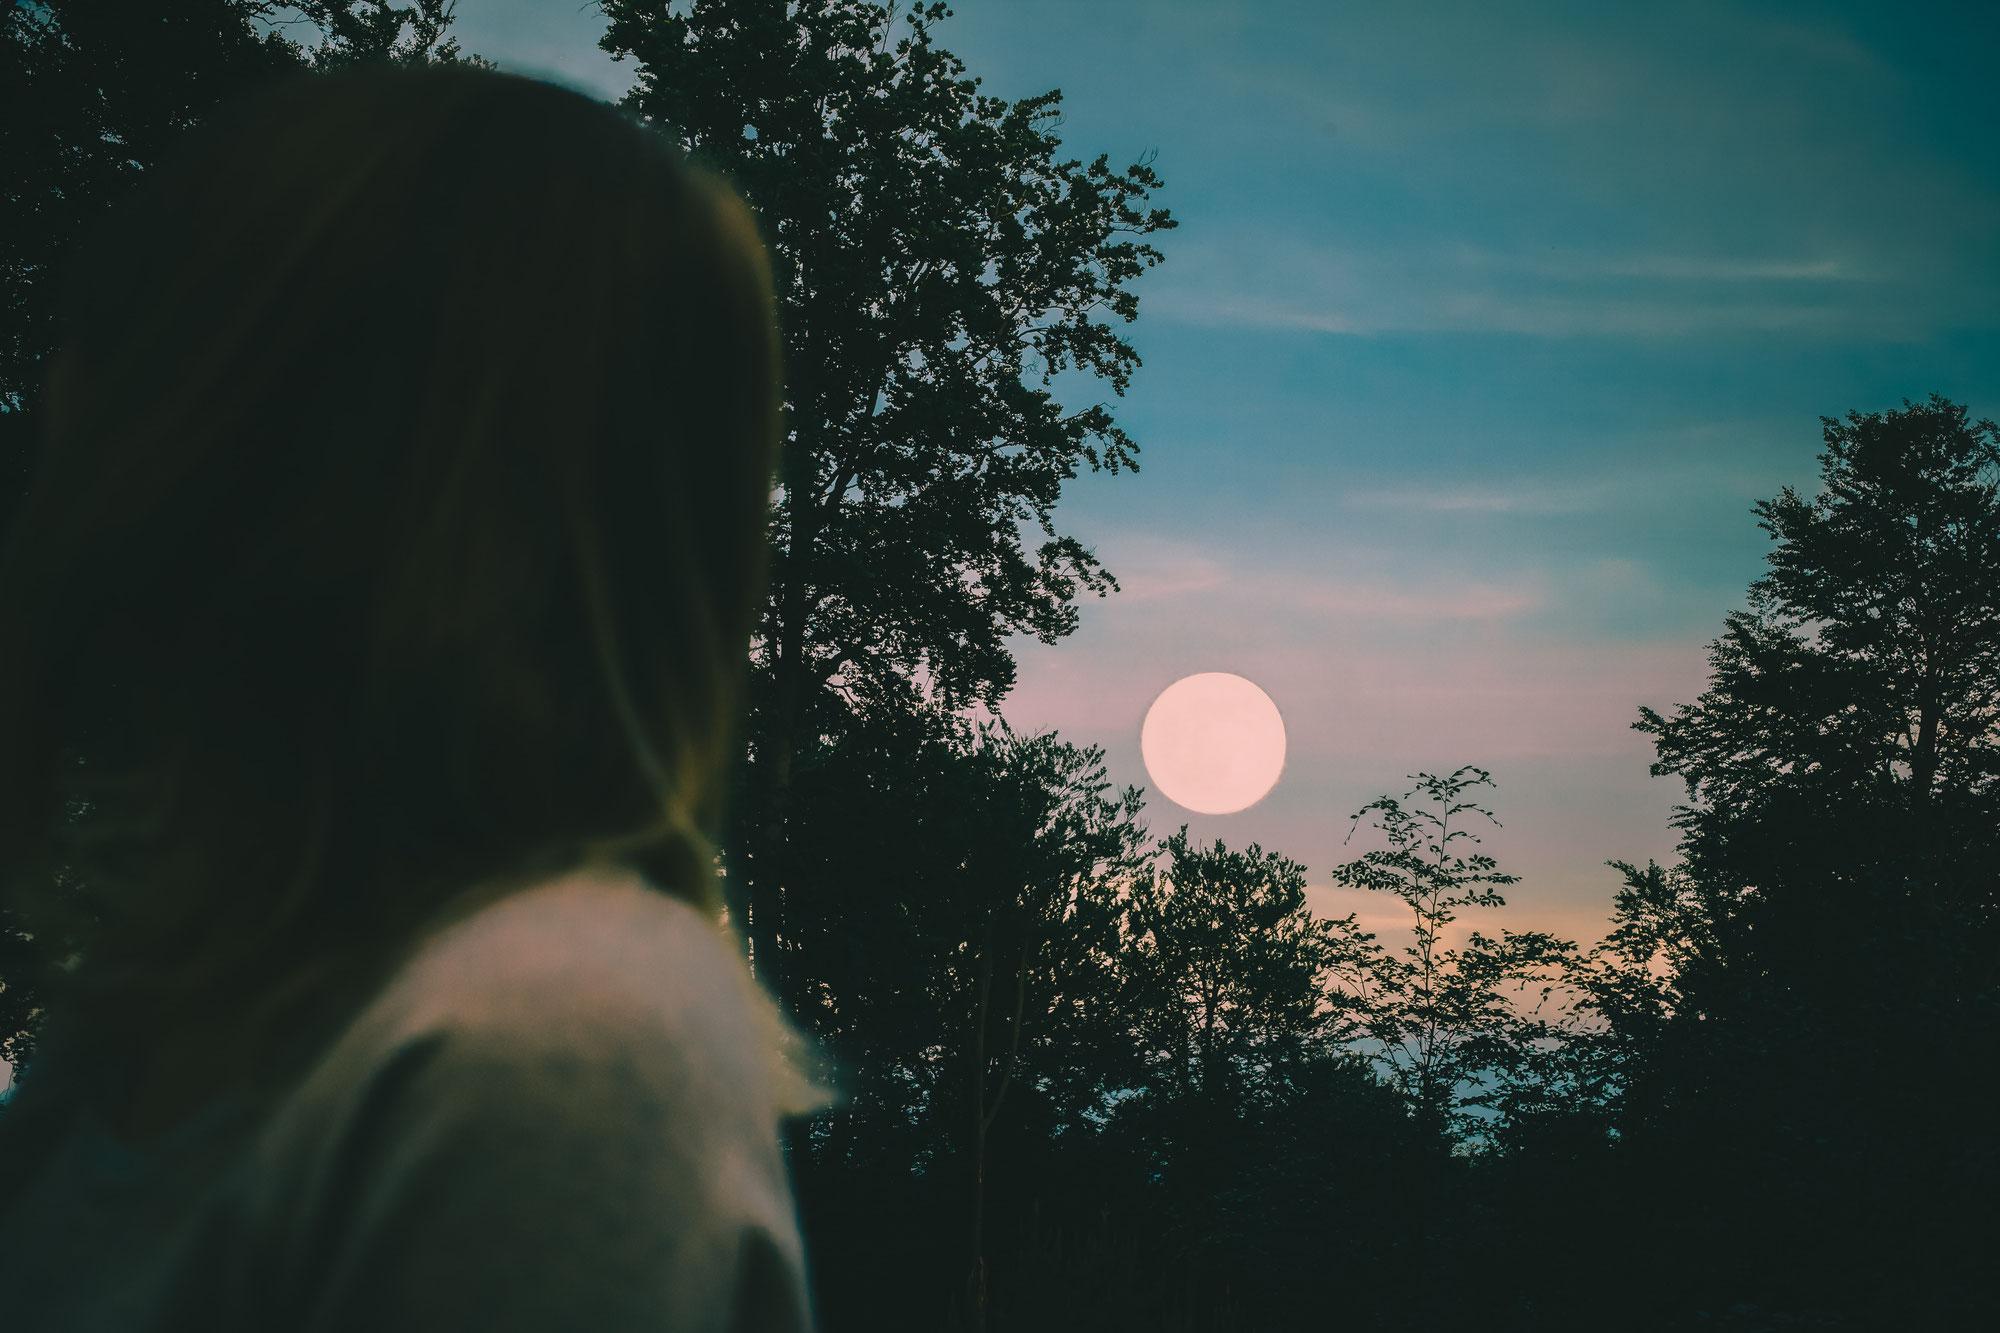 Volle maan 27 februari en de aanhoudende Zon-activiteit ♥ Fran Tielemans ♥ Lichtwerkers Nederland